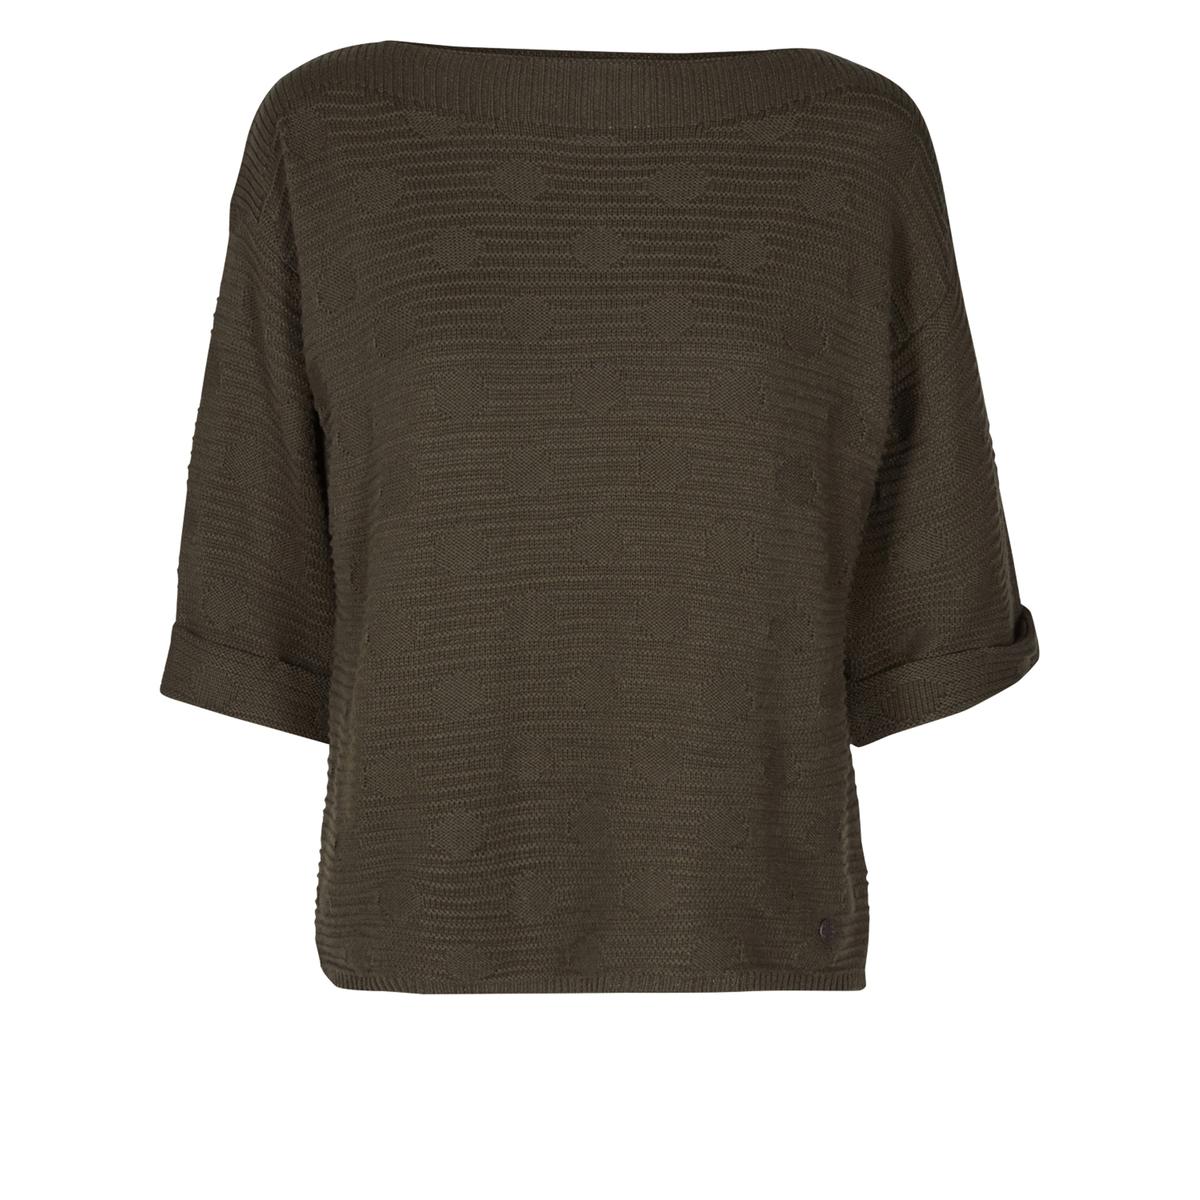 Пуловер стандартного покрояОписание •  Рукава 3/4 •  Круглый вырез •  Тонкий трикотаж  •  Рисунок в полоску Состав и уход • 40% акрила, 60% хлопка   •  Следуйте рекомендациям по уходу, указанным на этикетке изделия<br><br>Цвет: хаки